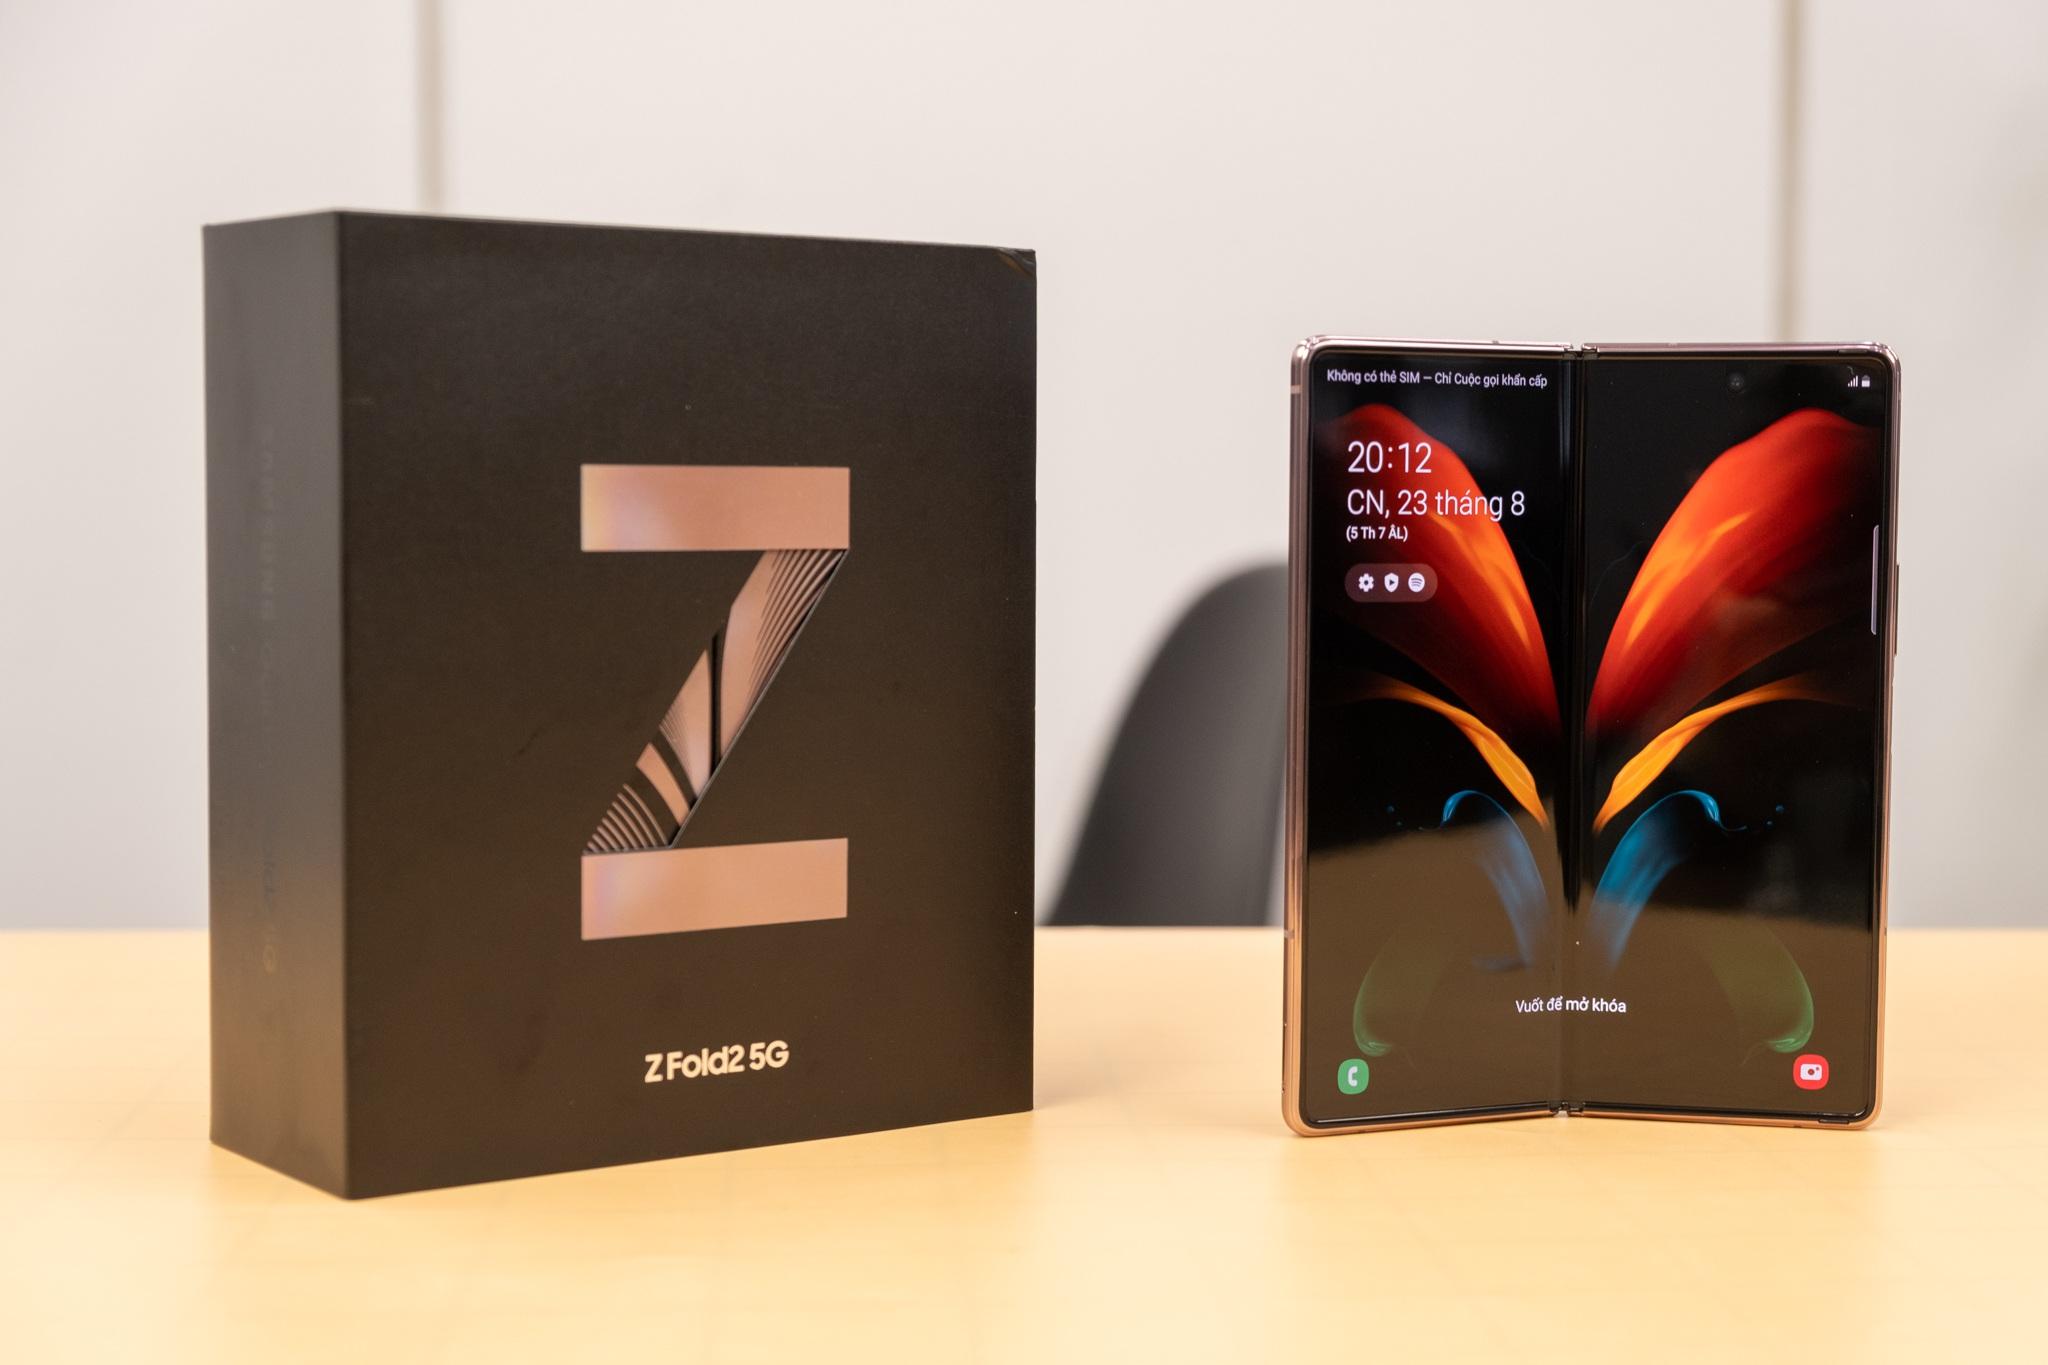 Mở hộp Galaxy Z Fold 2 giá 50 triệu đồng: hoàn thiện vẻ khác biệt